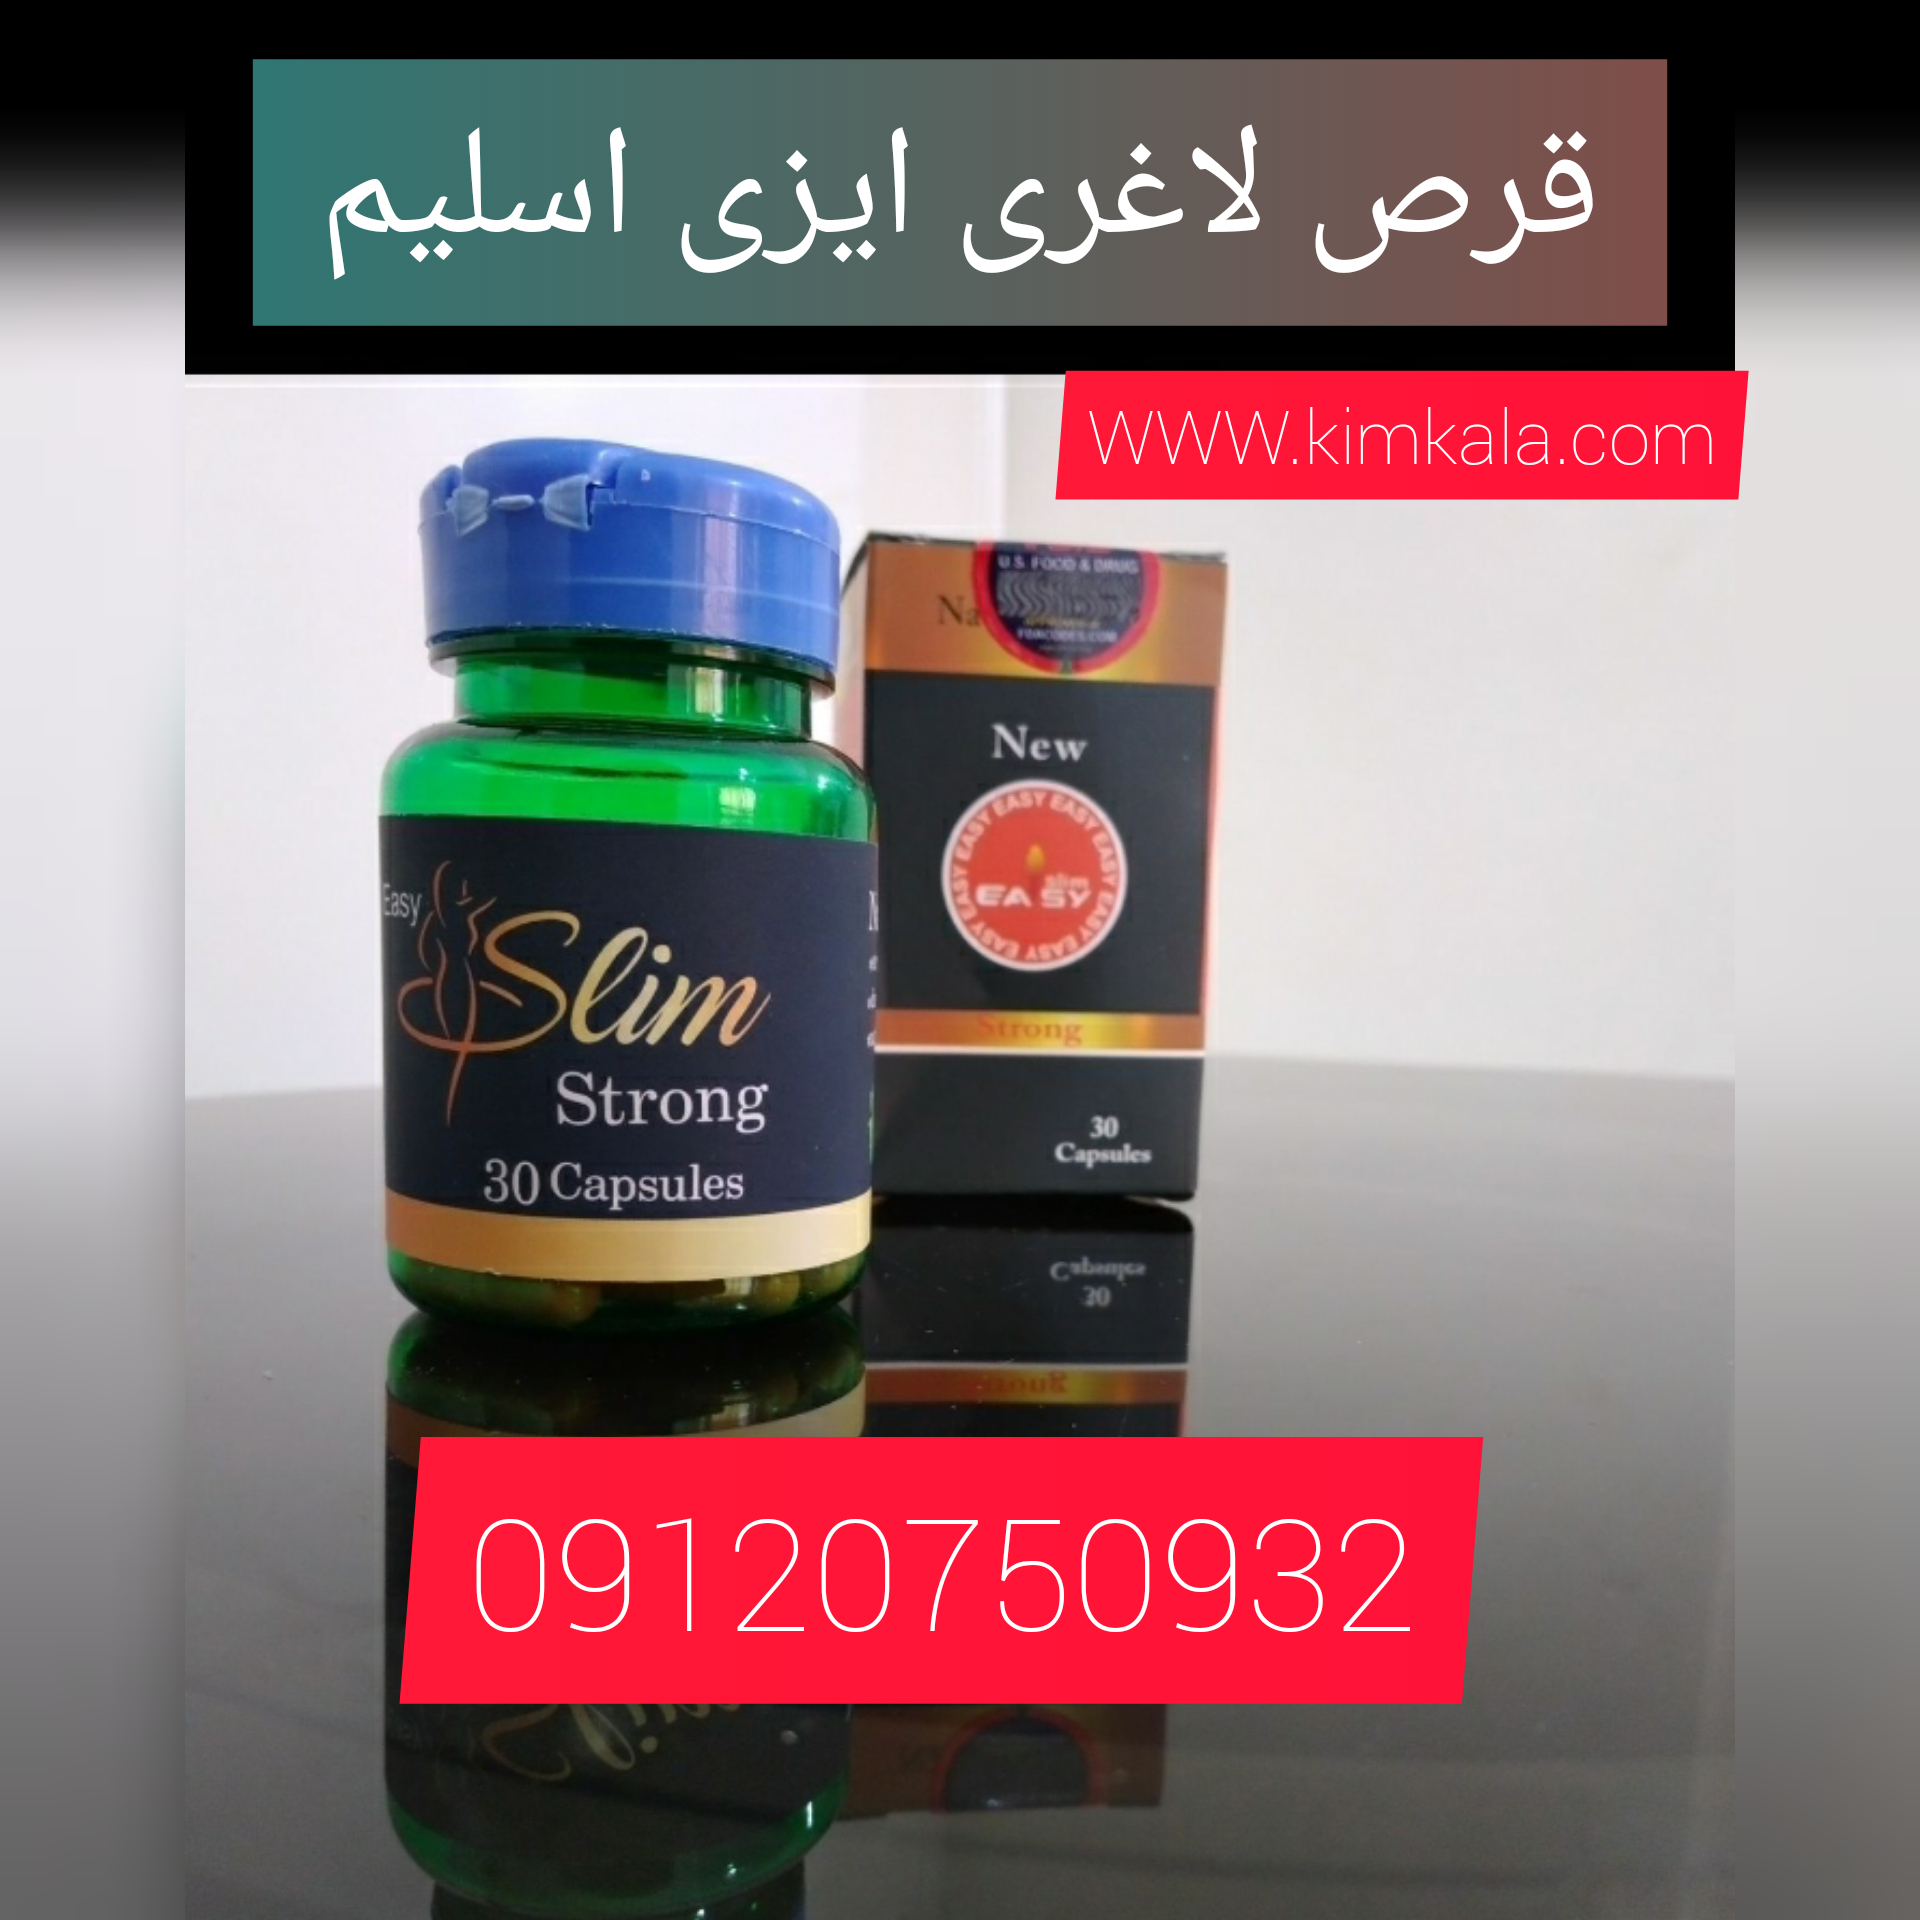 قرص لاغری ایزی اسلیم/09120750932/قیمت کپسول لاغری